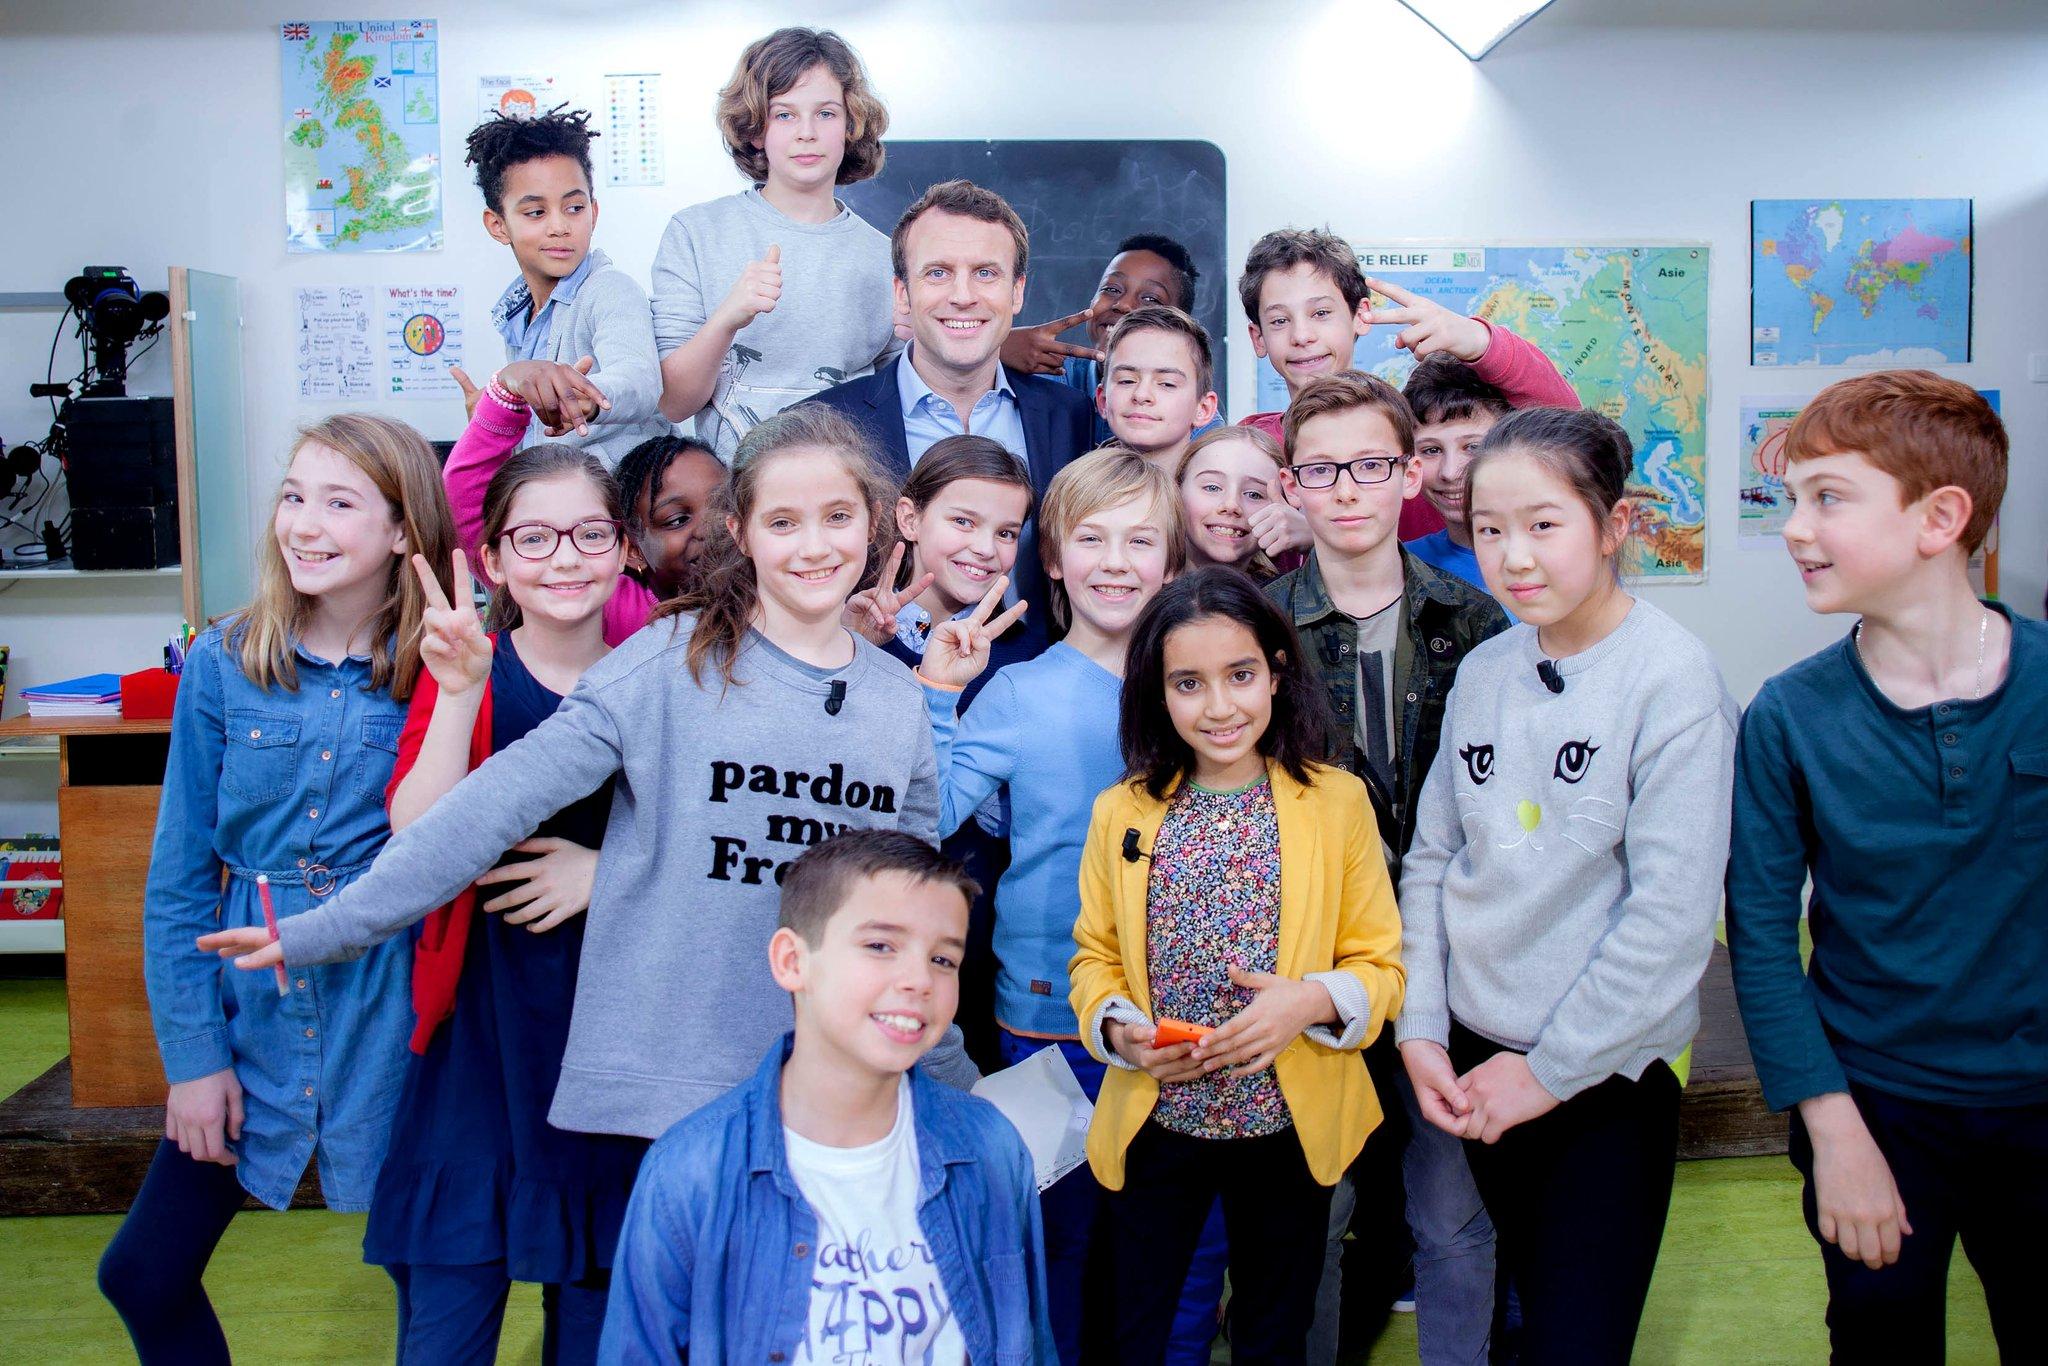 Merci à mes élèves et redoutables interviewers d'un jour ! #AuTableau @C8TV https://t.co/0NYt0unzYF